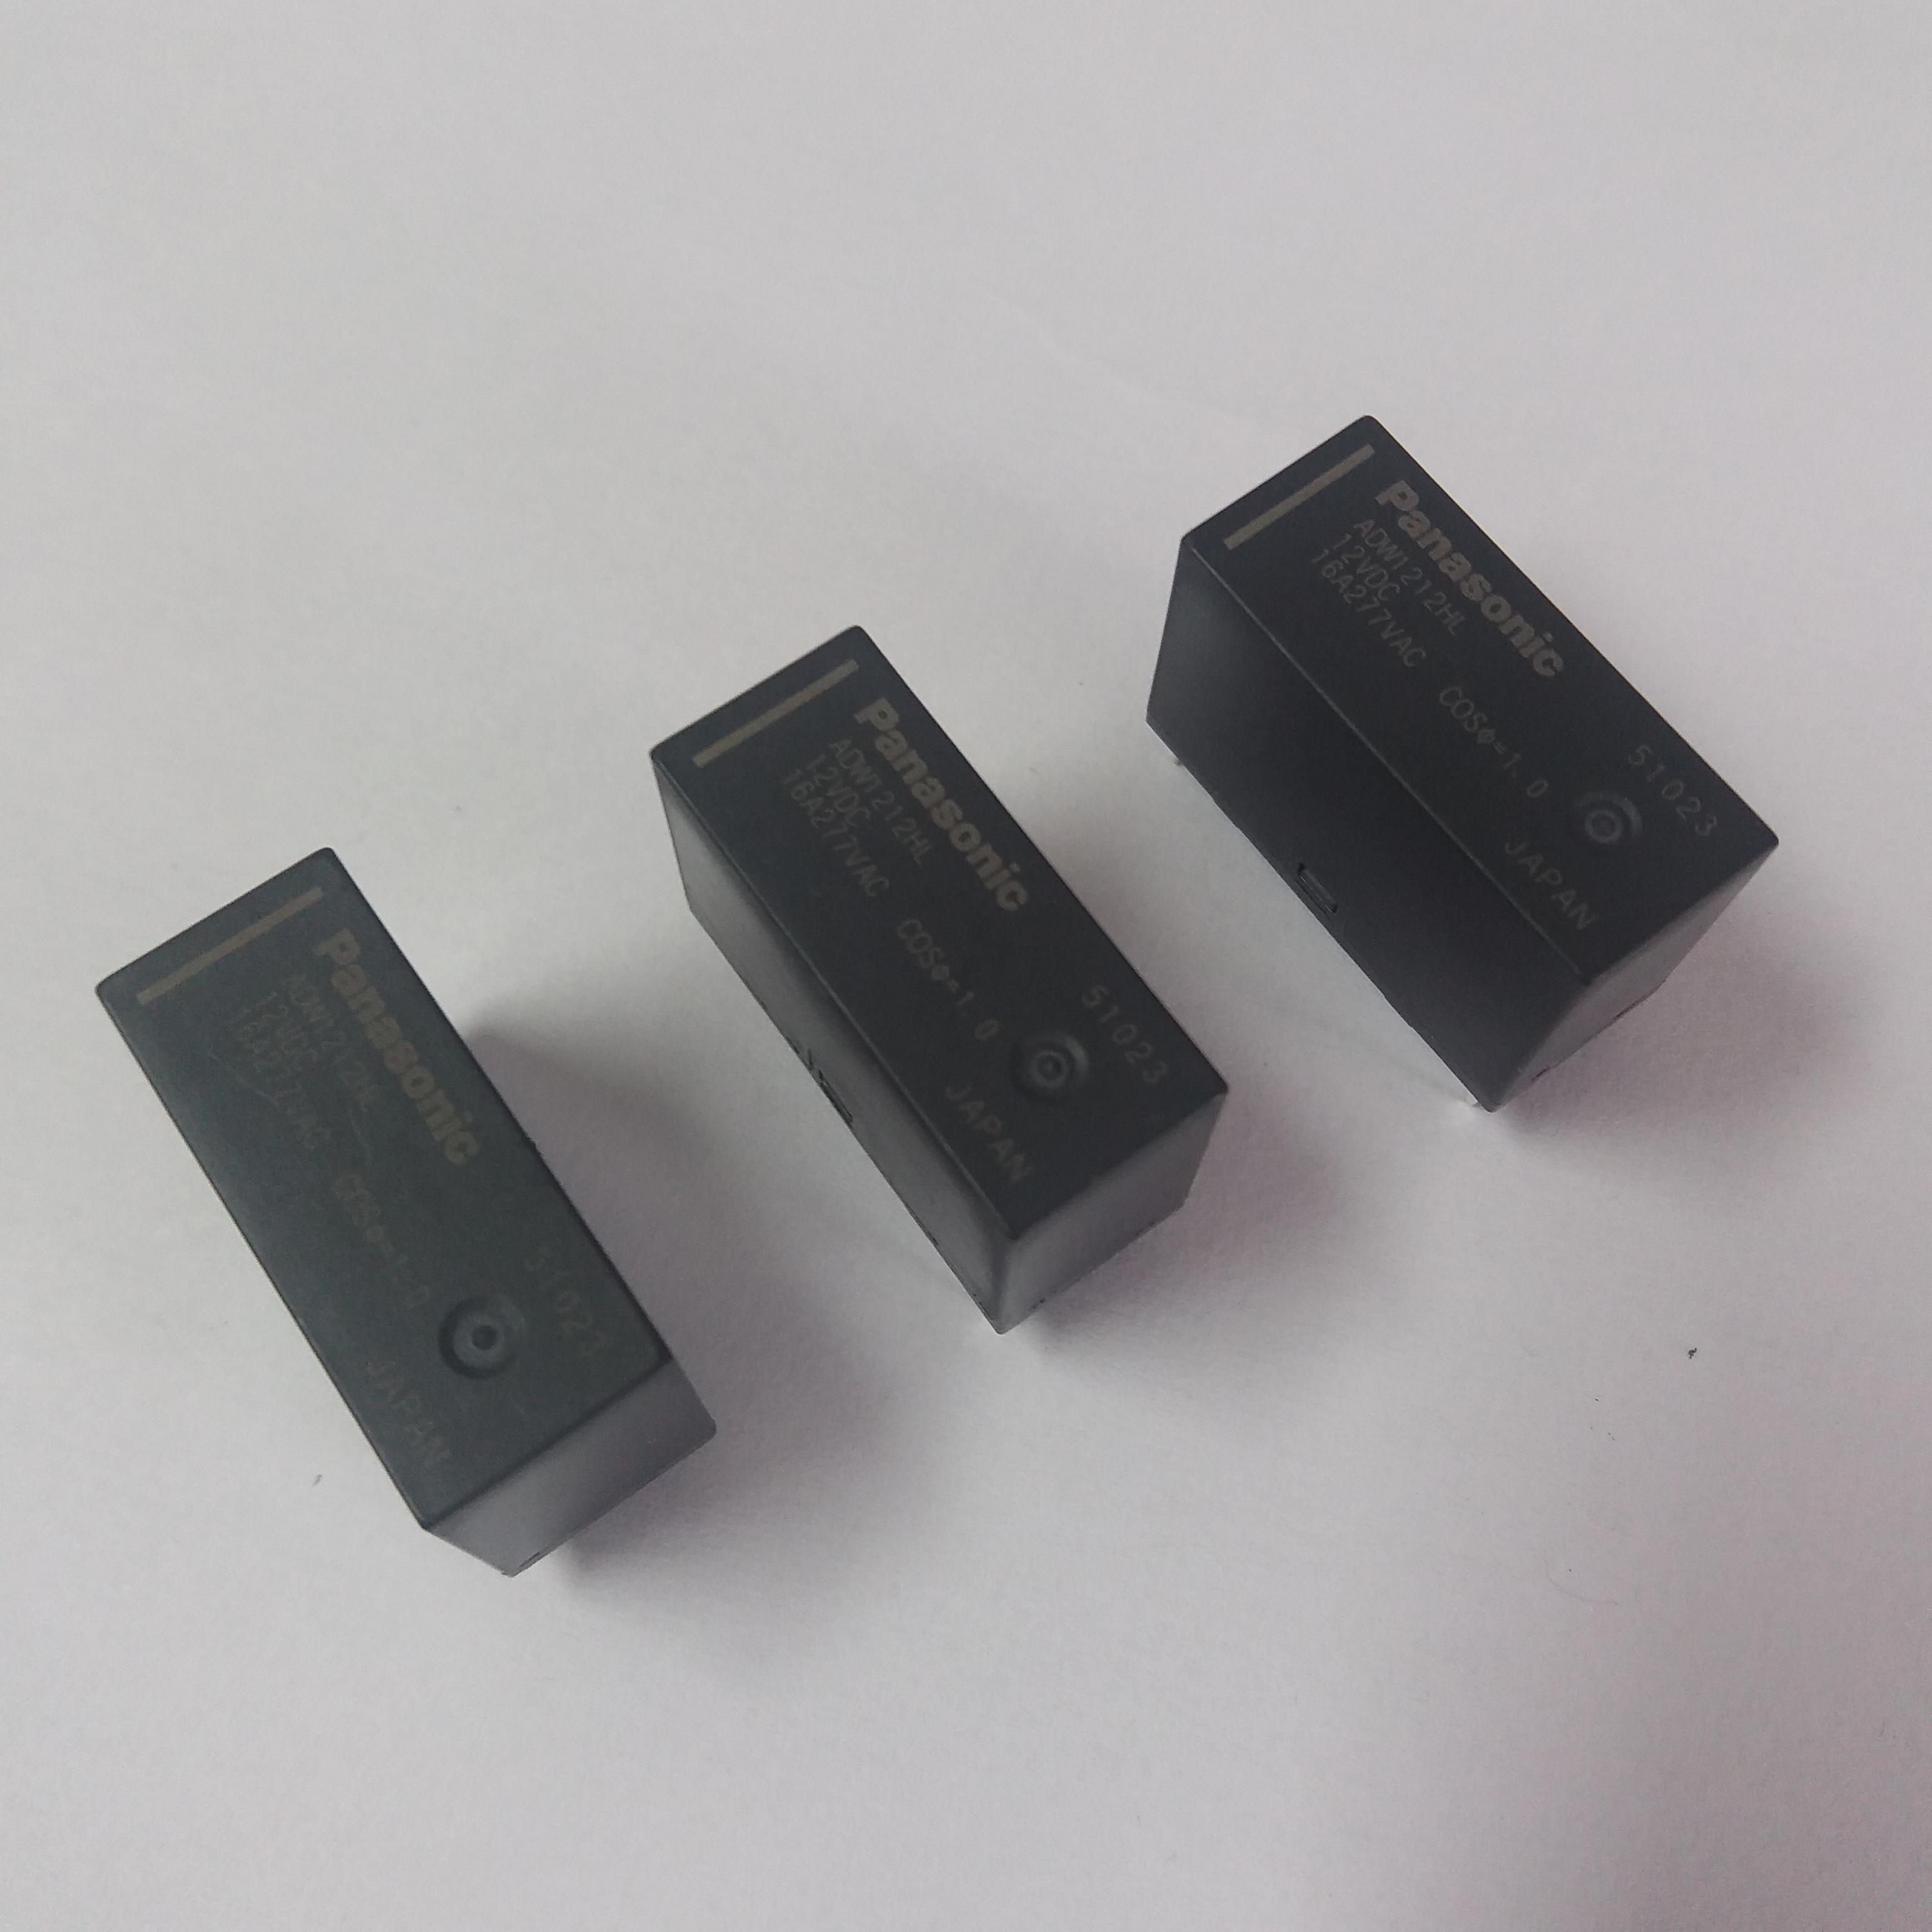 供应深圳松下继电器ADW1212HLW原装新货 继电器,松下继电器,功率继电器